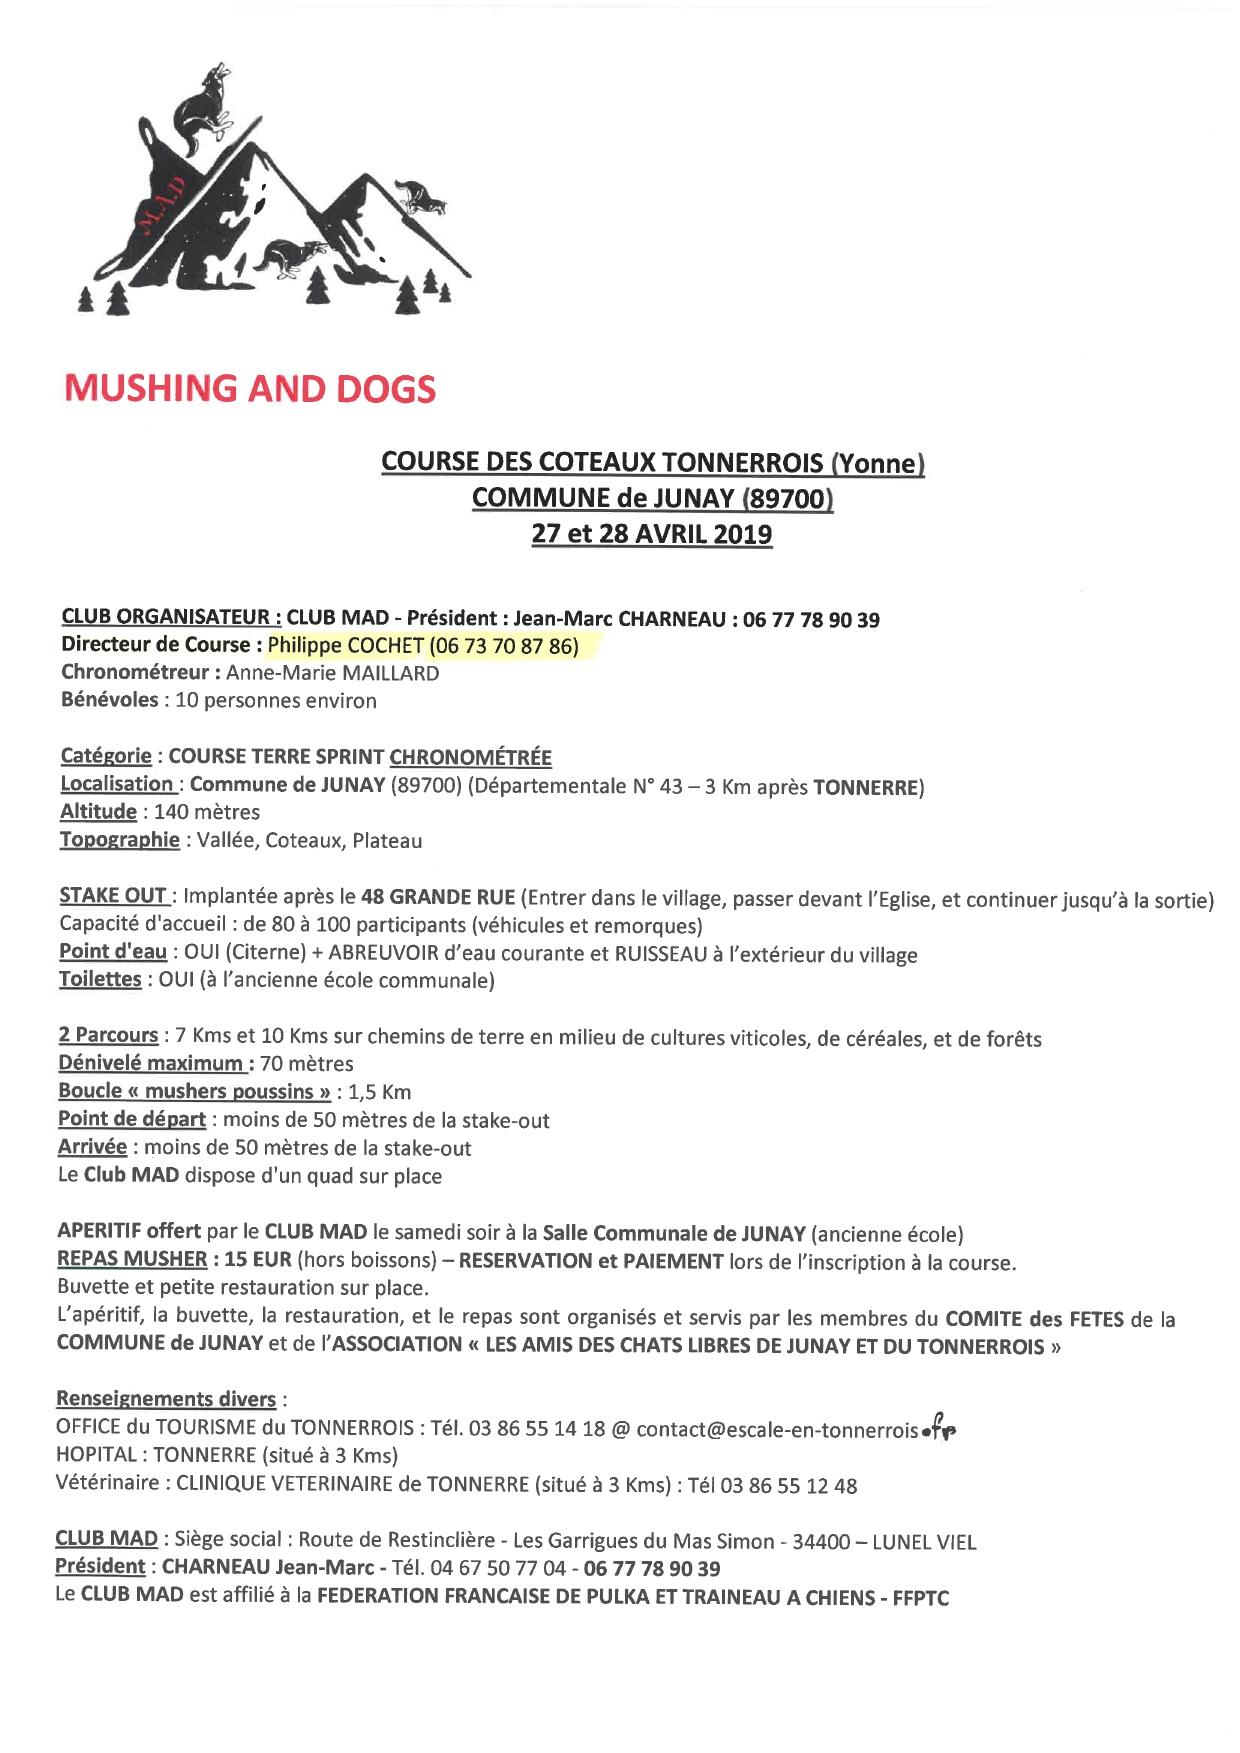 Fiche renseignements course coteaux tonnerrois junay 89700 2019 page 0001